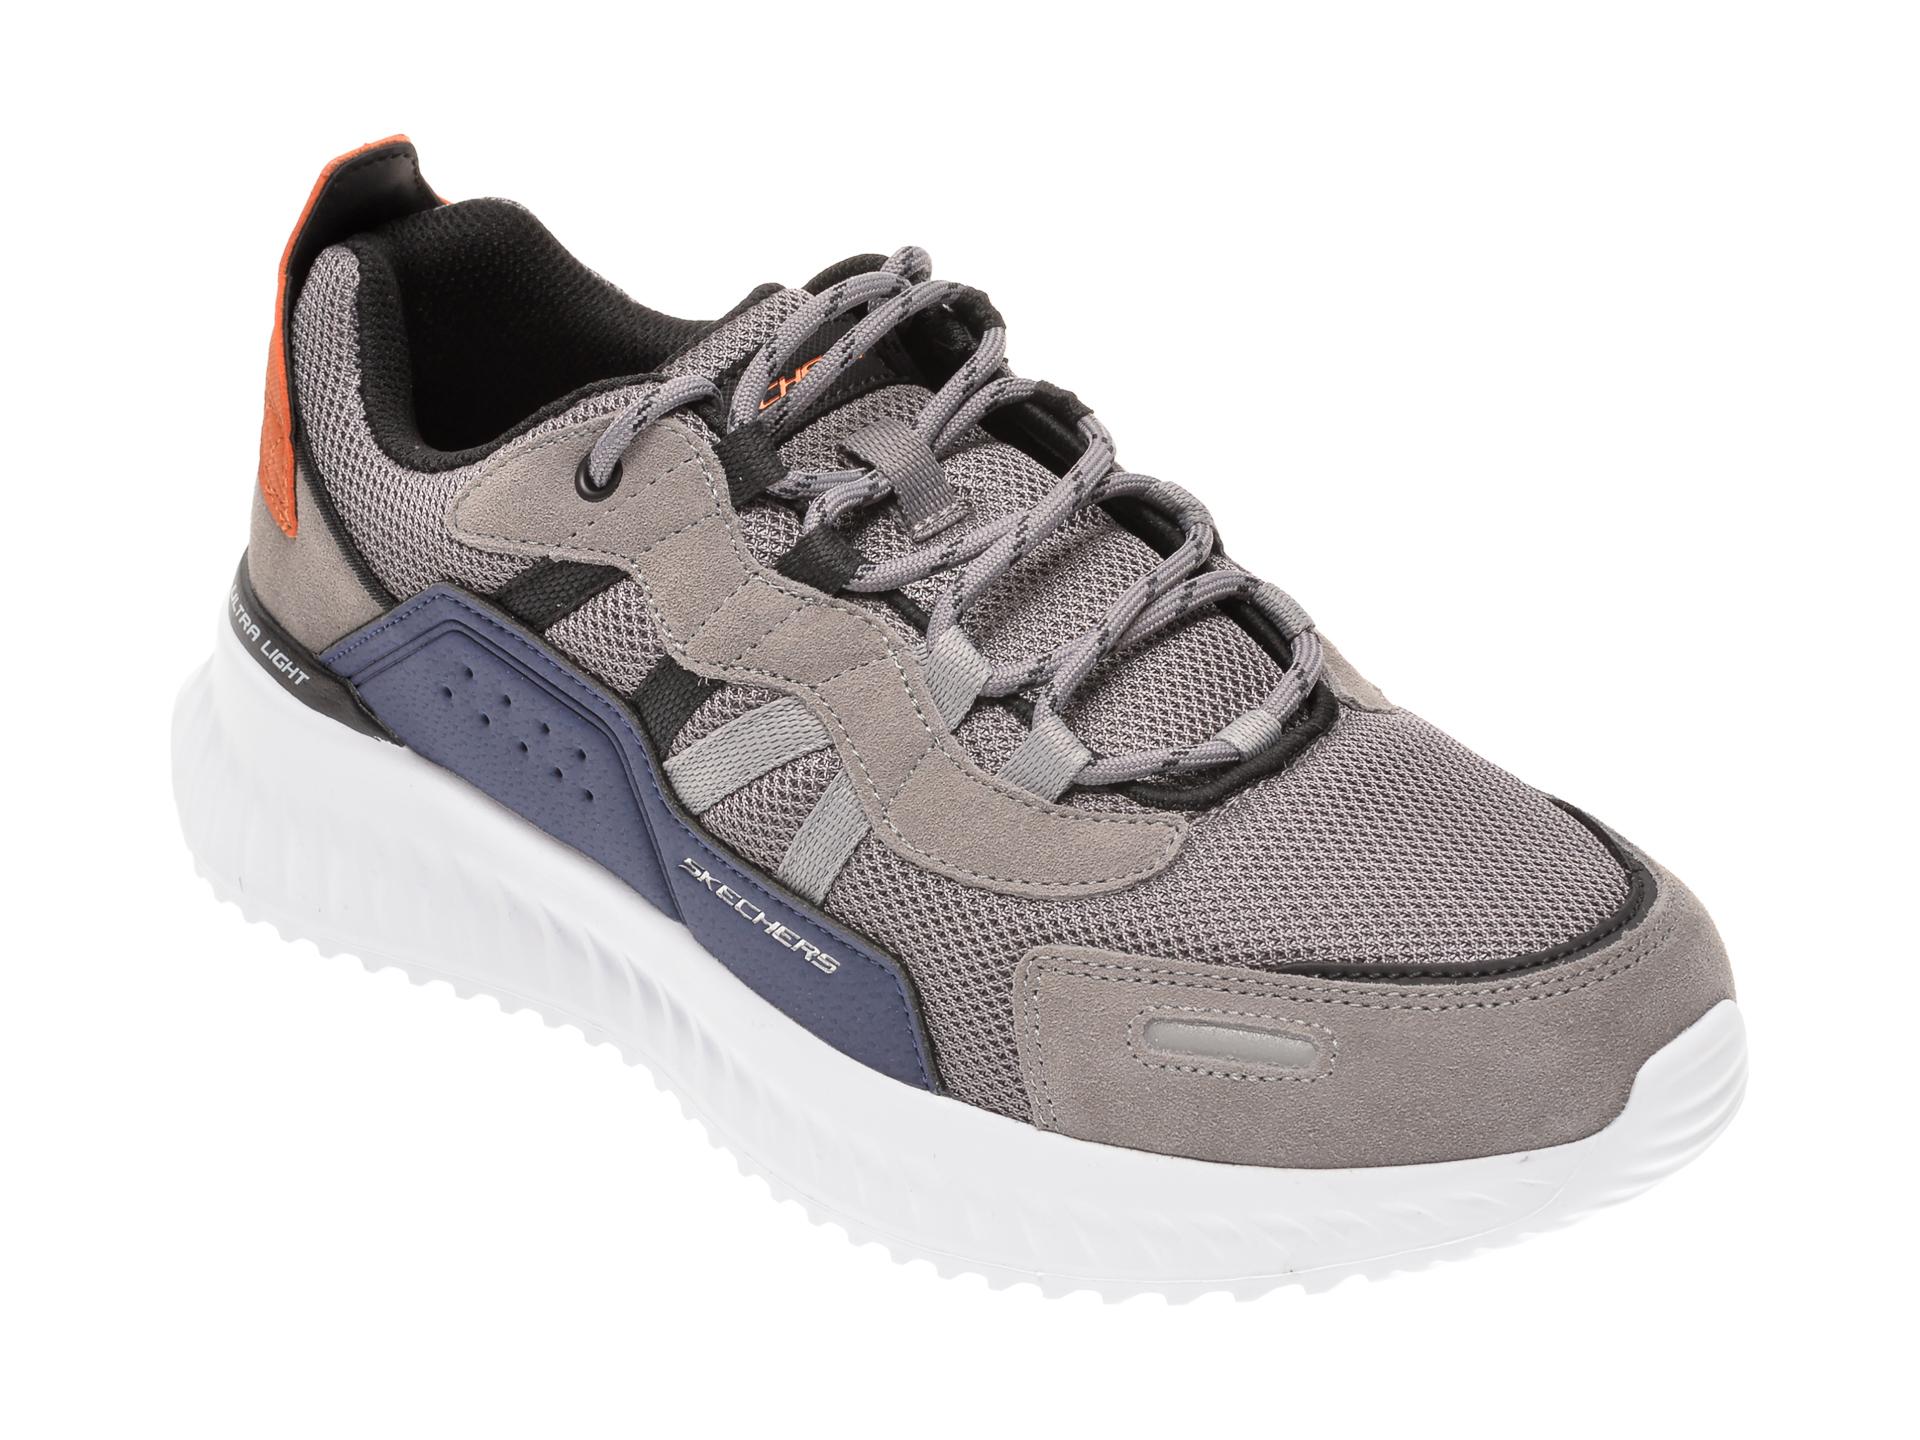 Pantofi sport SKECHERS gri, MATERA 2.0 XIMINO, din material textil si piele naturala imagine